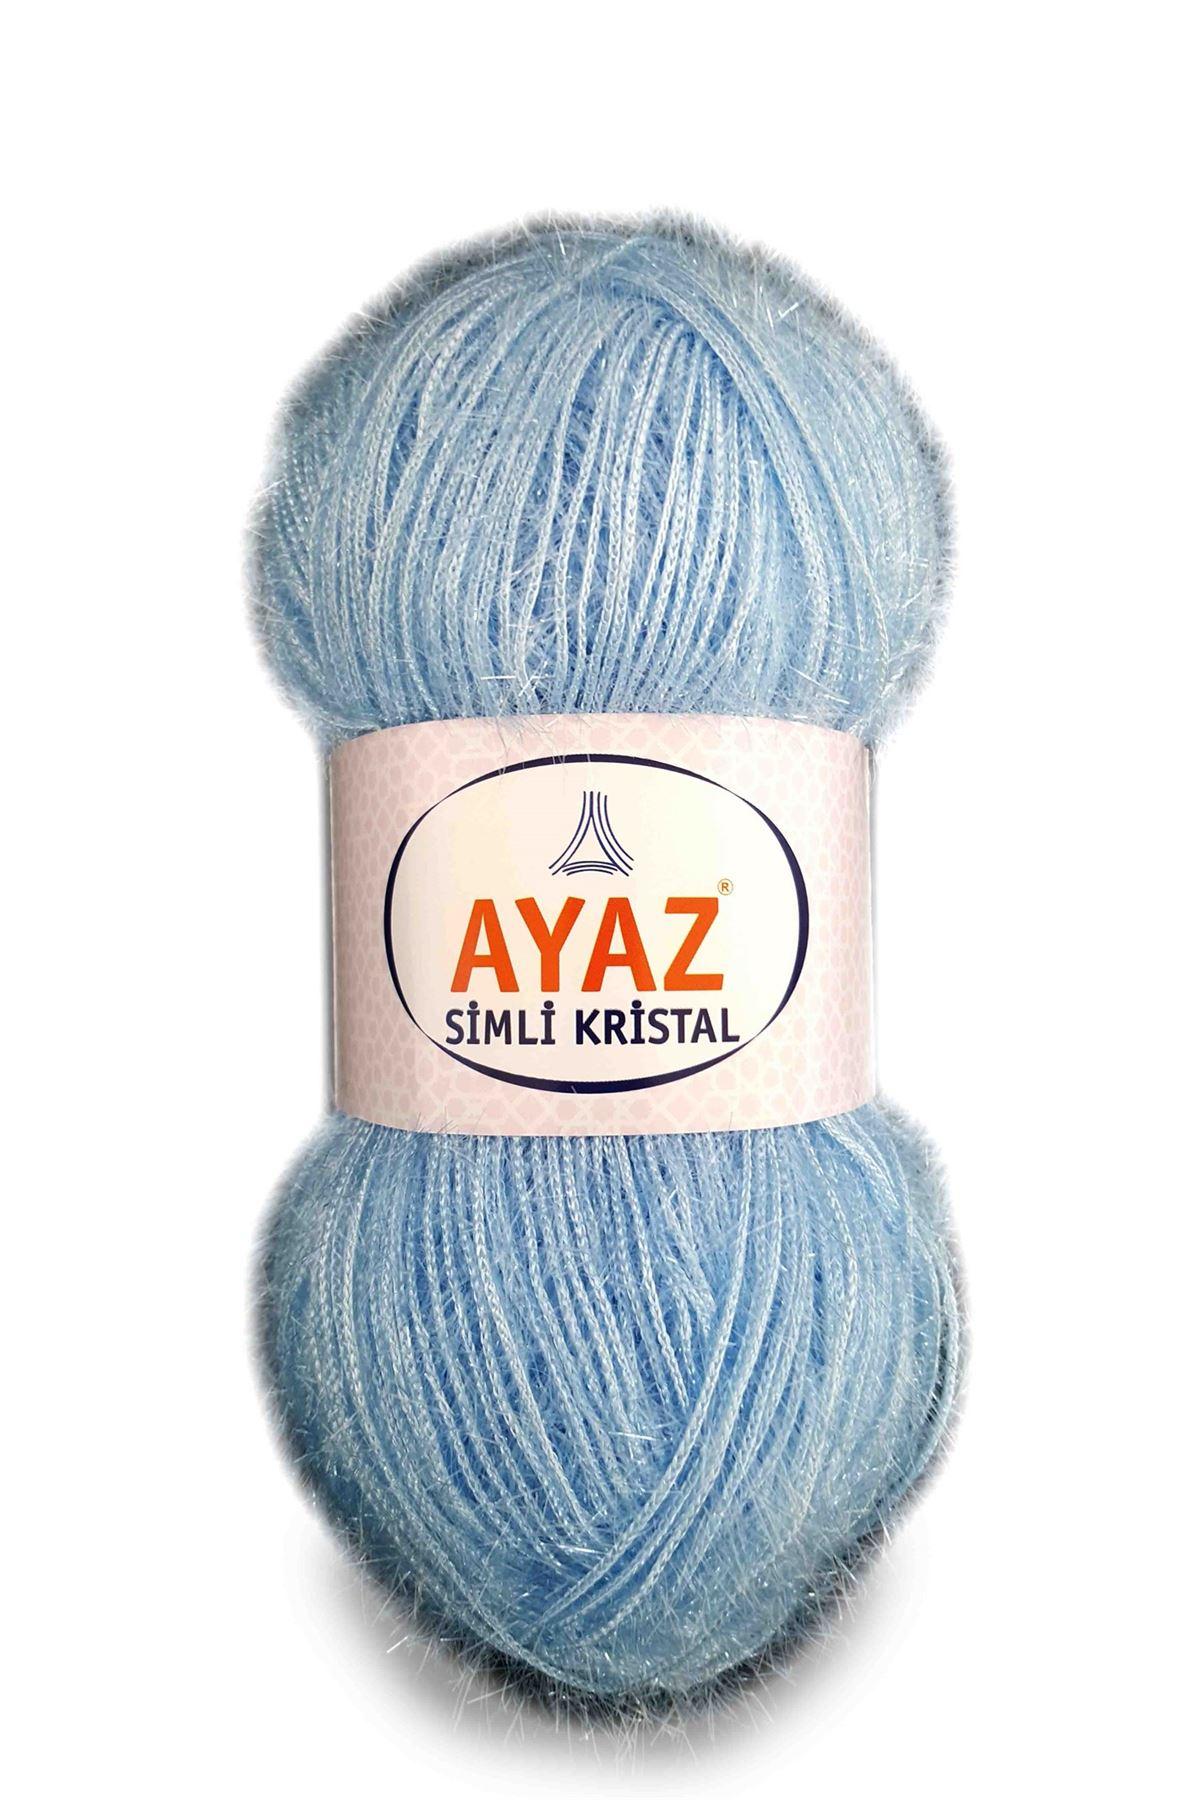 Ayaz Simli Kristal 1076 - Açık Mavi